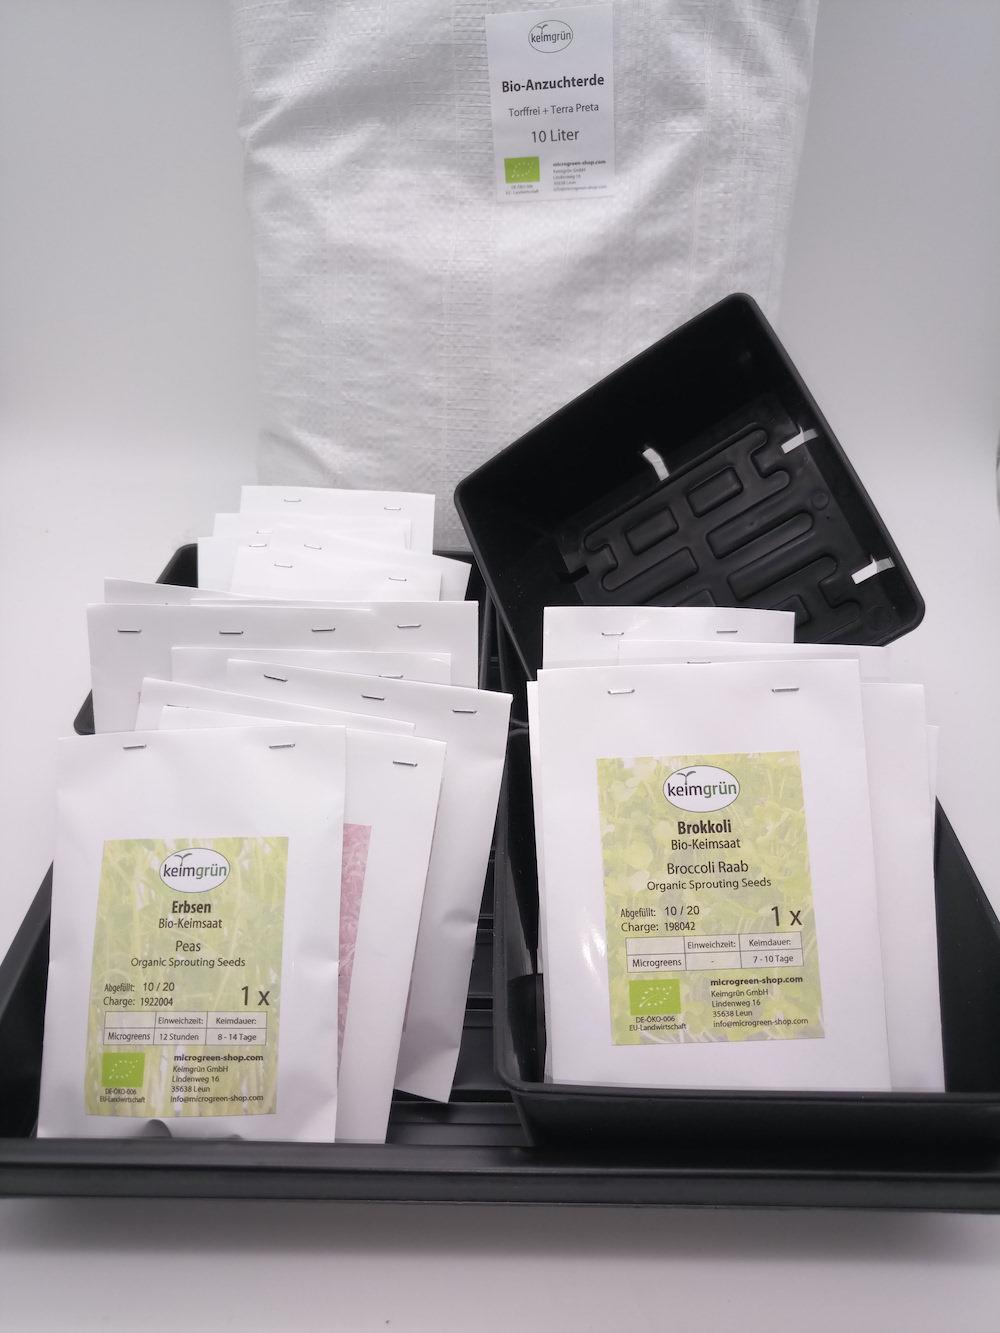 Microgreen Starterpaket mit 12 Sorten. Noch stabiler!